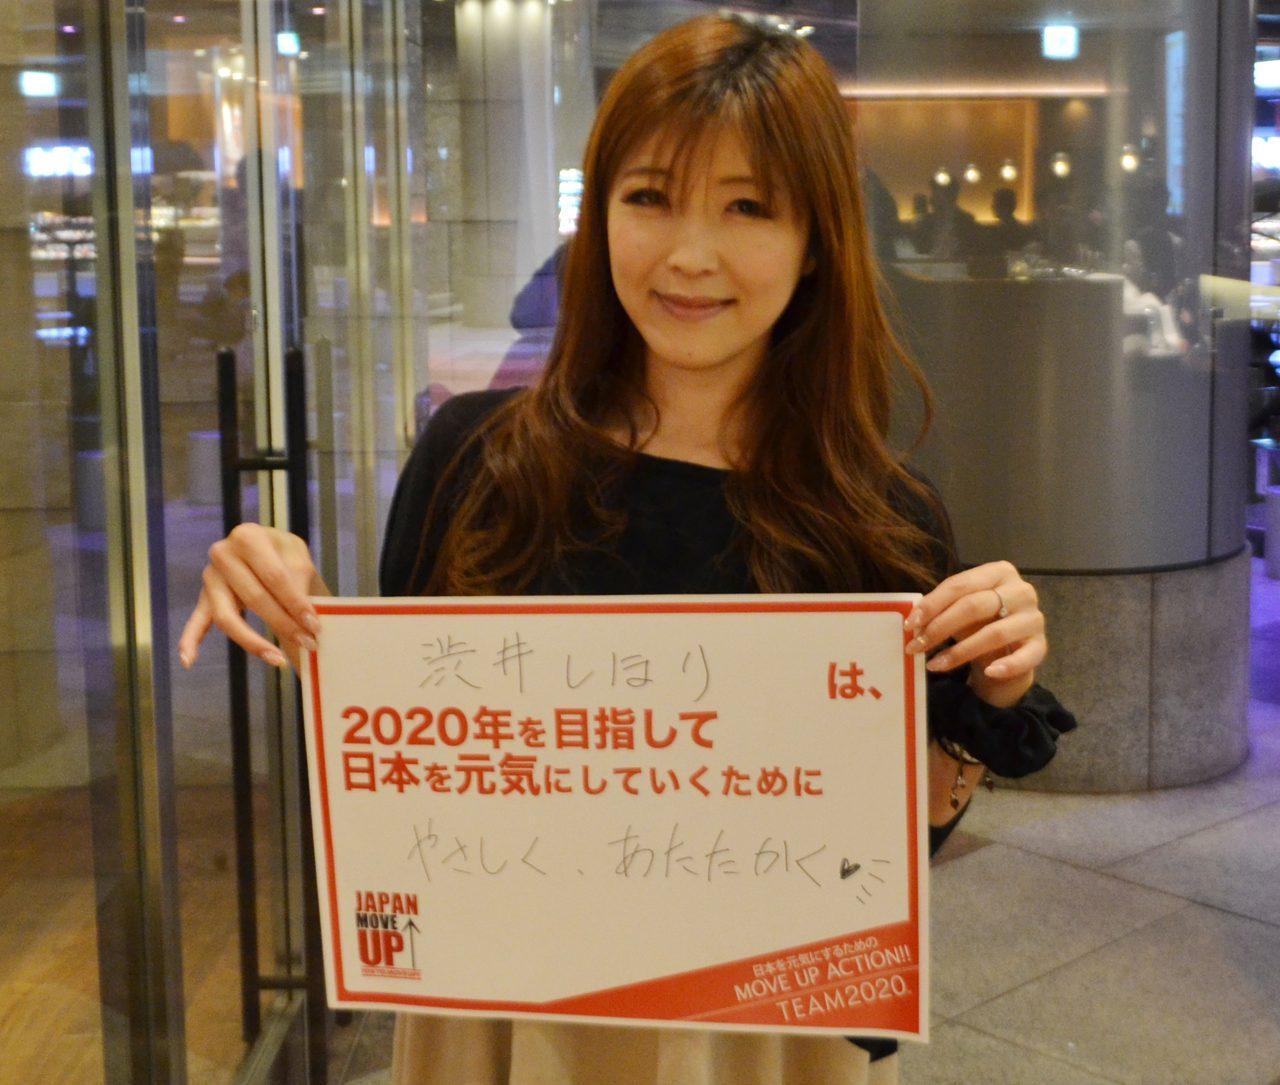 画像: 今日のアクション宣言!日本を元気にするために自分ができること…「やさしく、あたたかく♥」